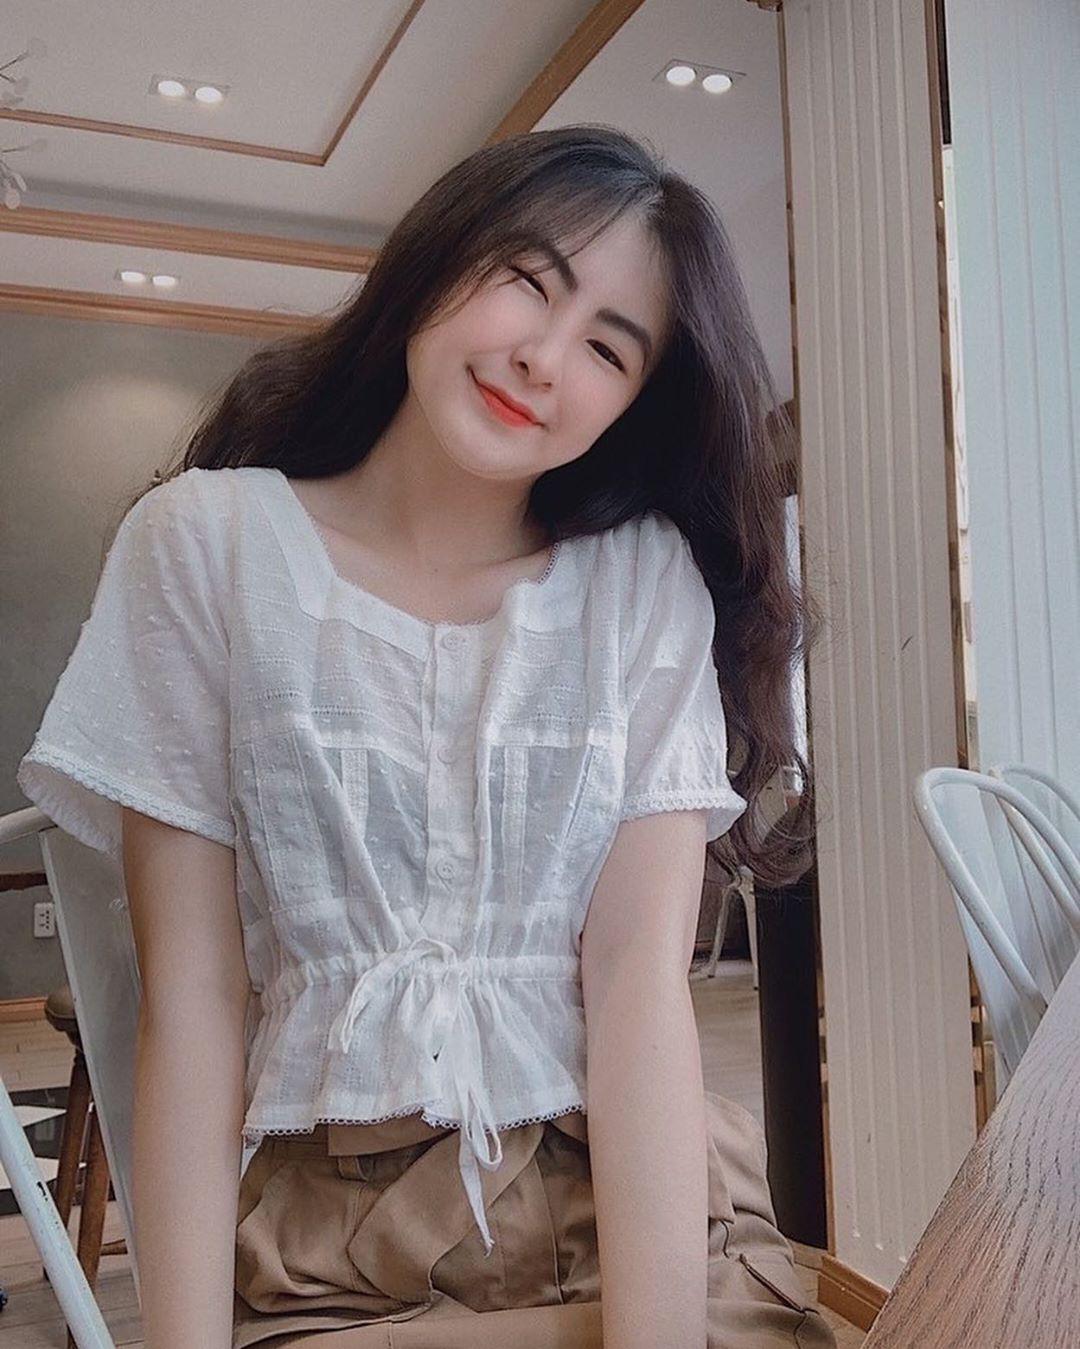 Áo blouse nhấn eo đã hack dáng còn mix được 5 kiểu khác nhau, bảo sao nàng nào cũng muốn sắm vài ba chiếc - Ảnh 1.